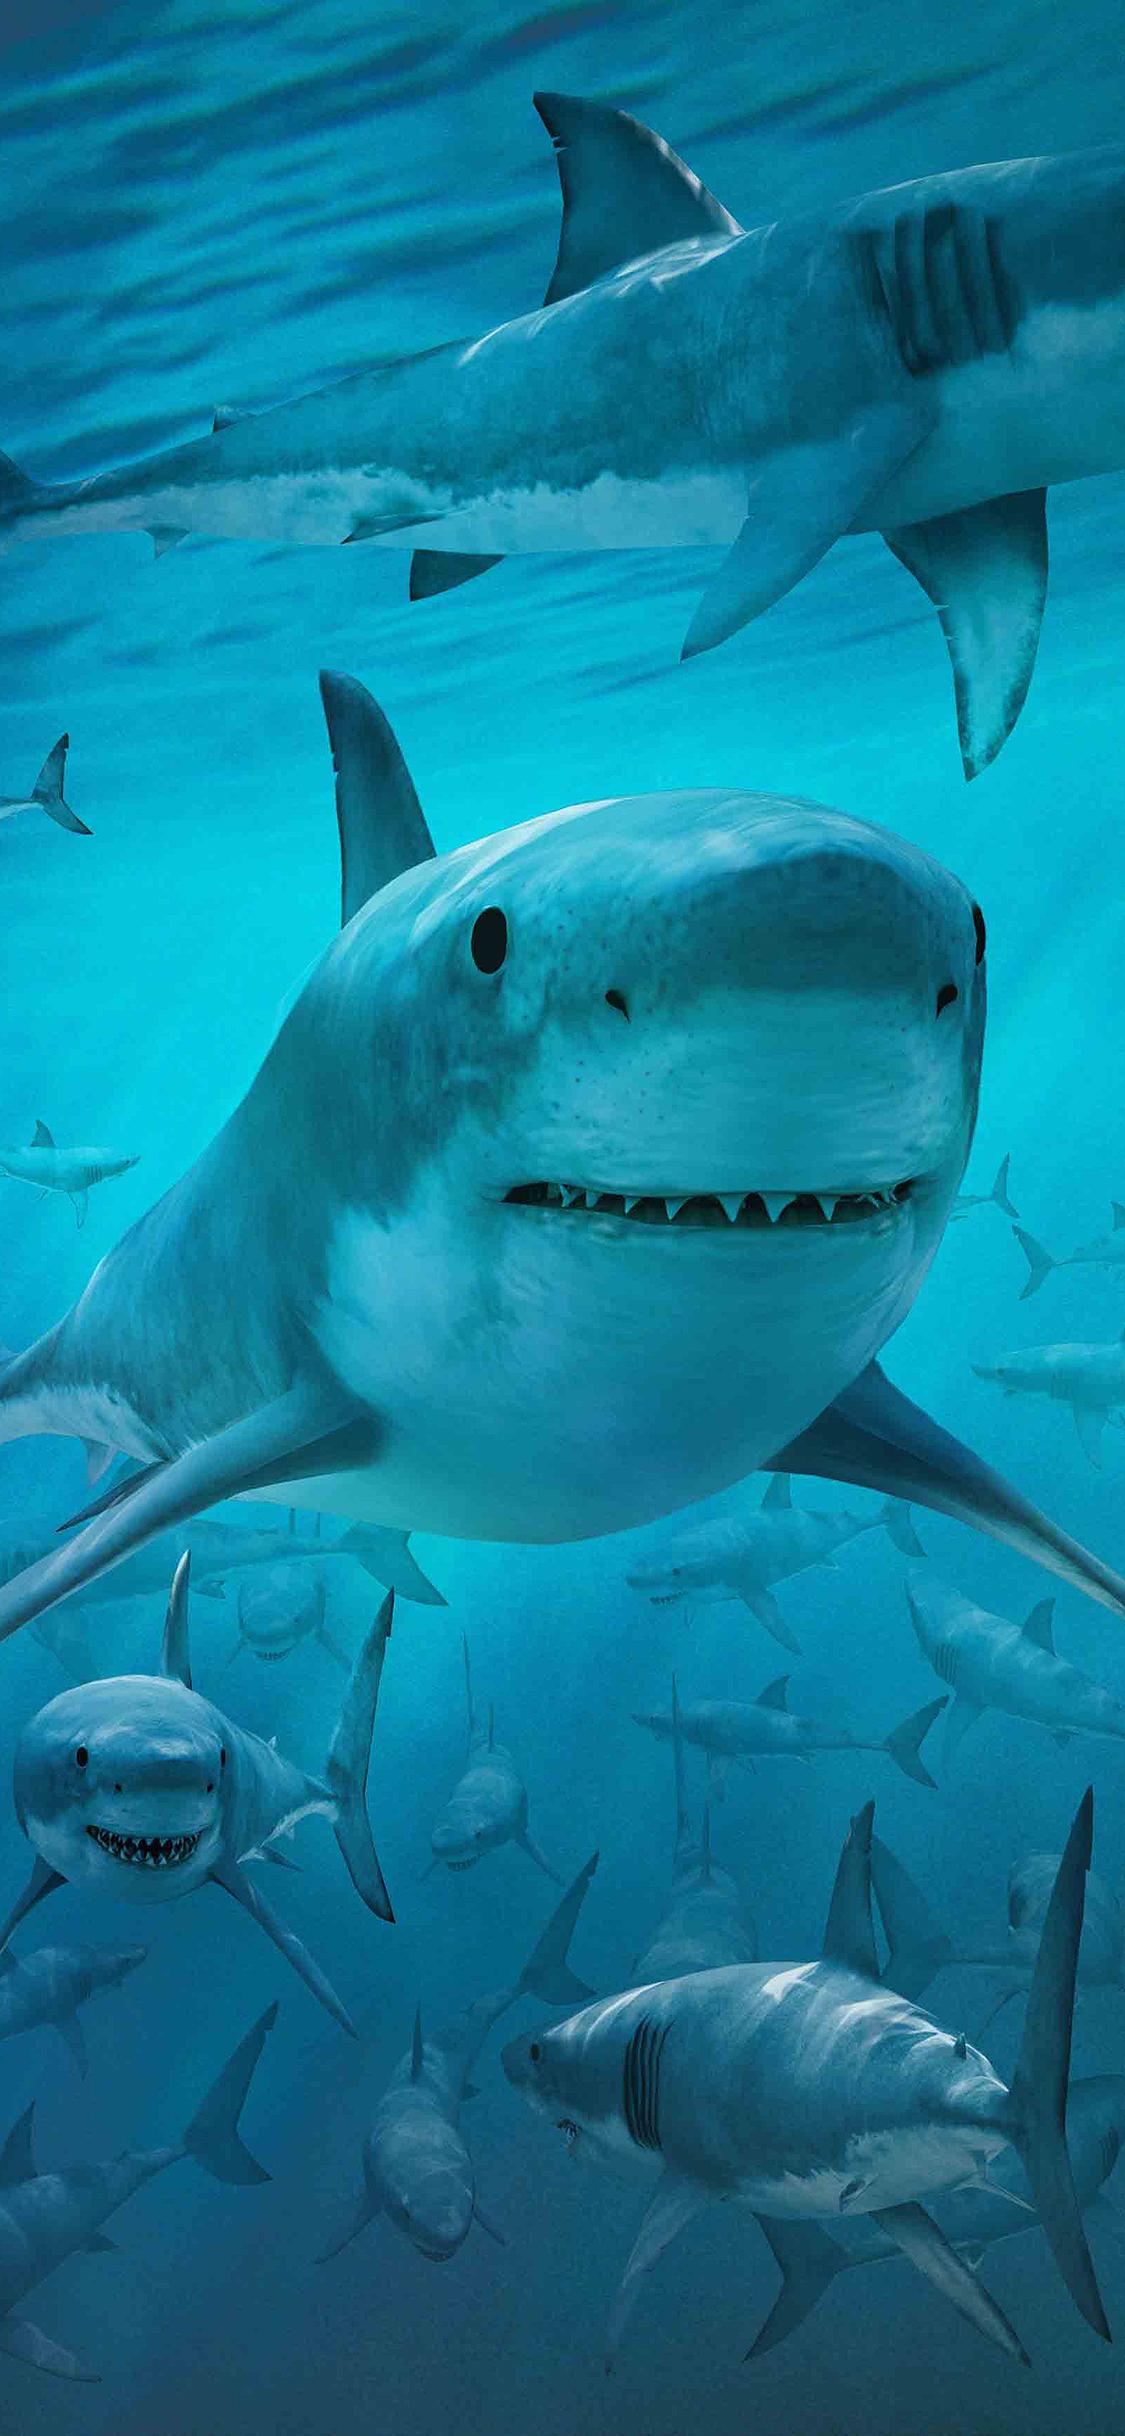 海底魚類 海底世界 海底動物 魚群 石頭 海底圖片 魚類 生物世界 海底圖片